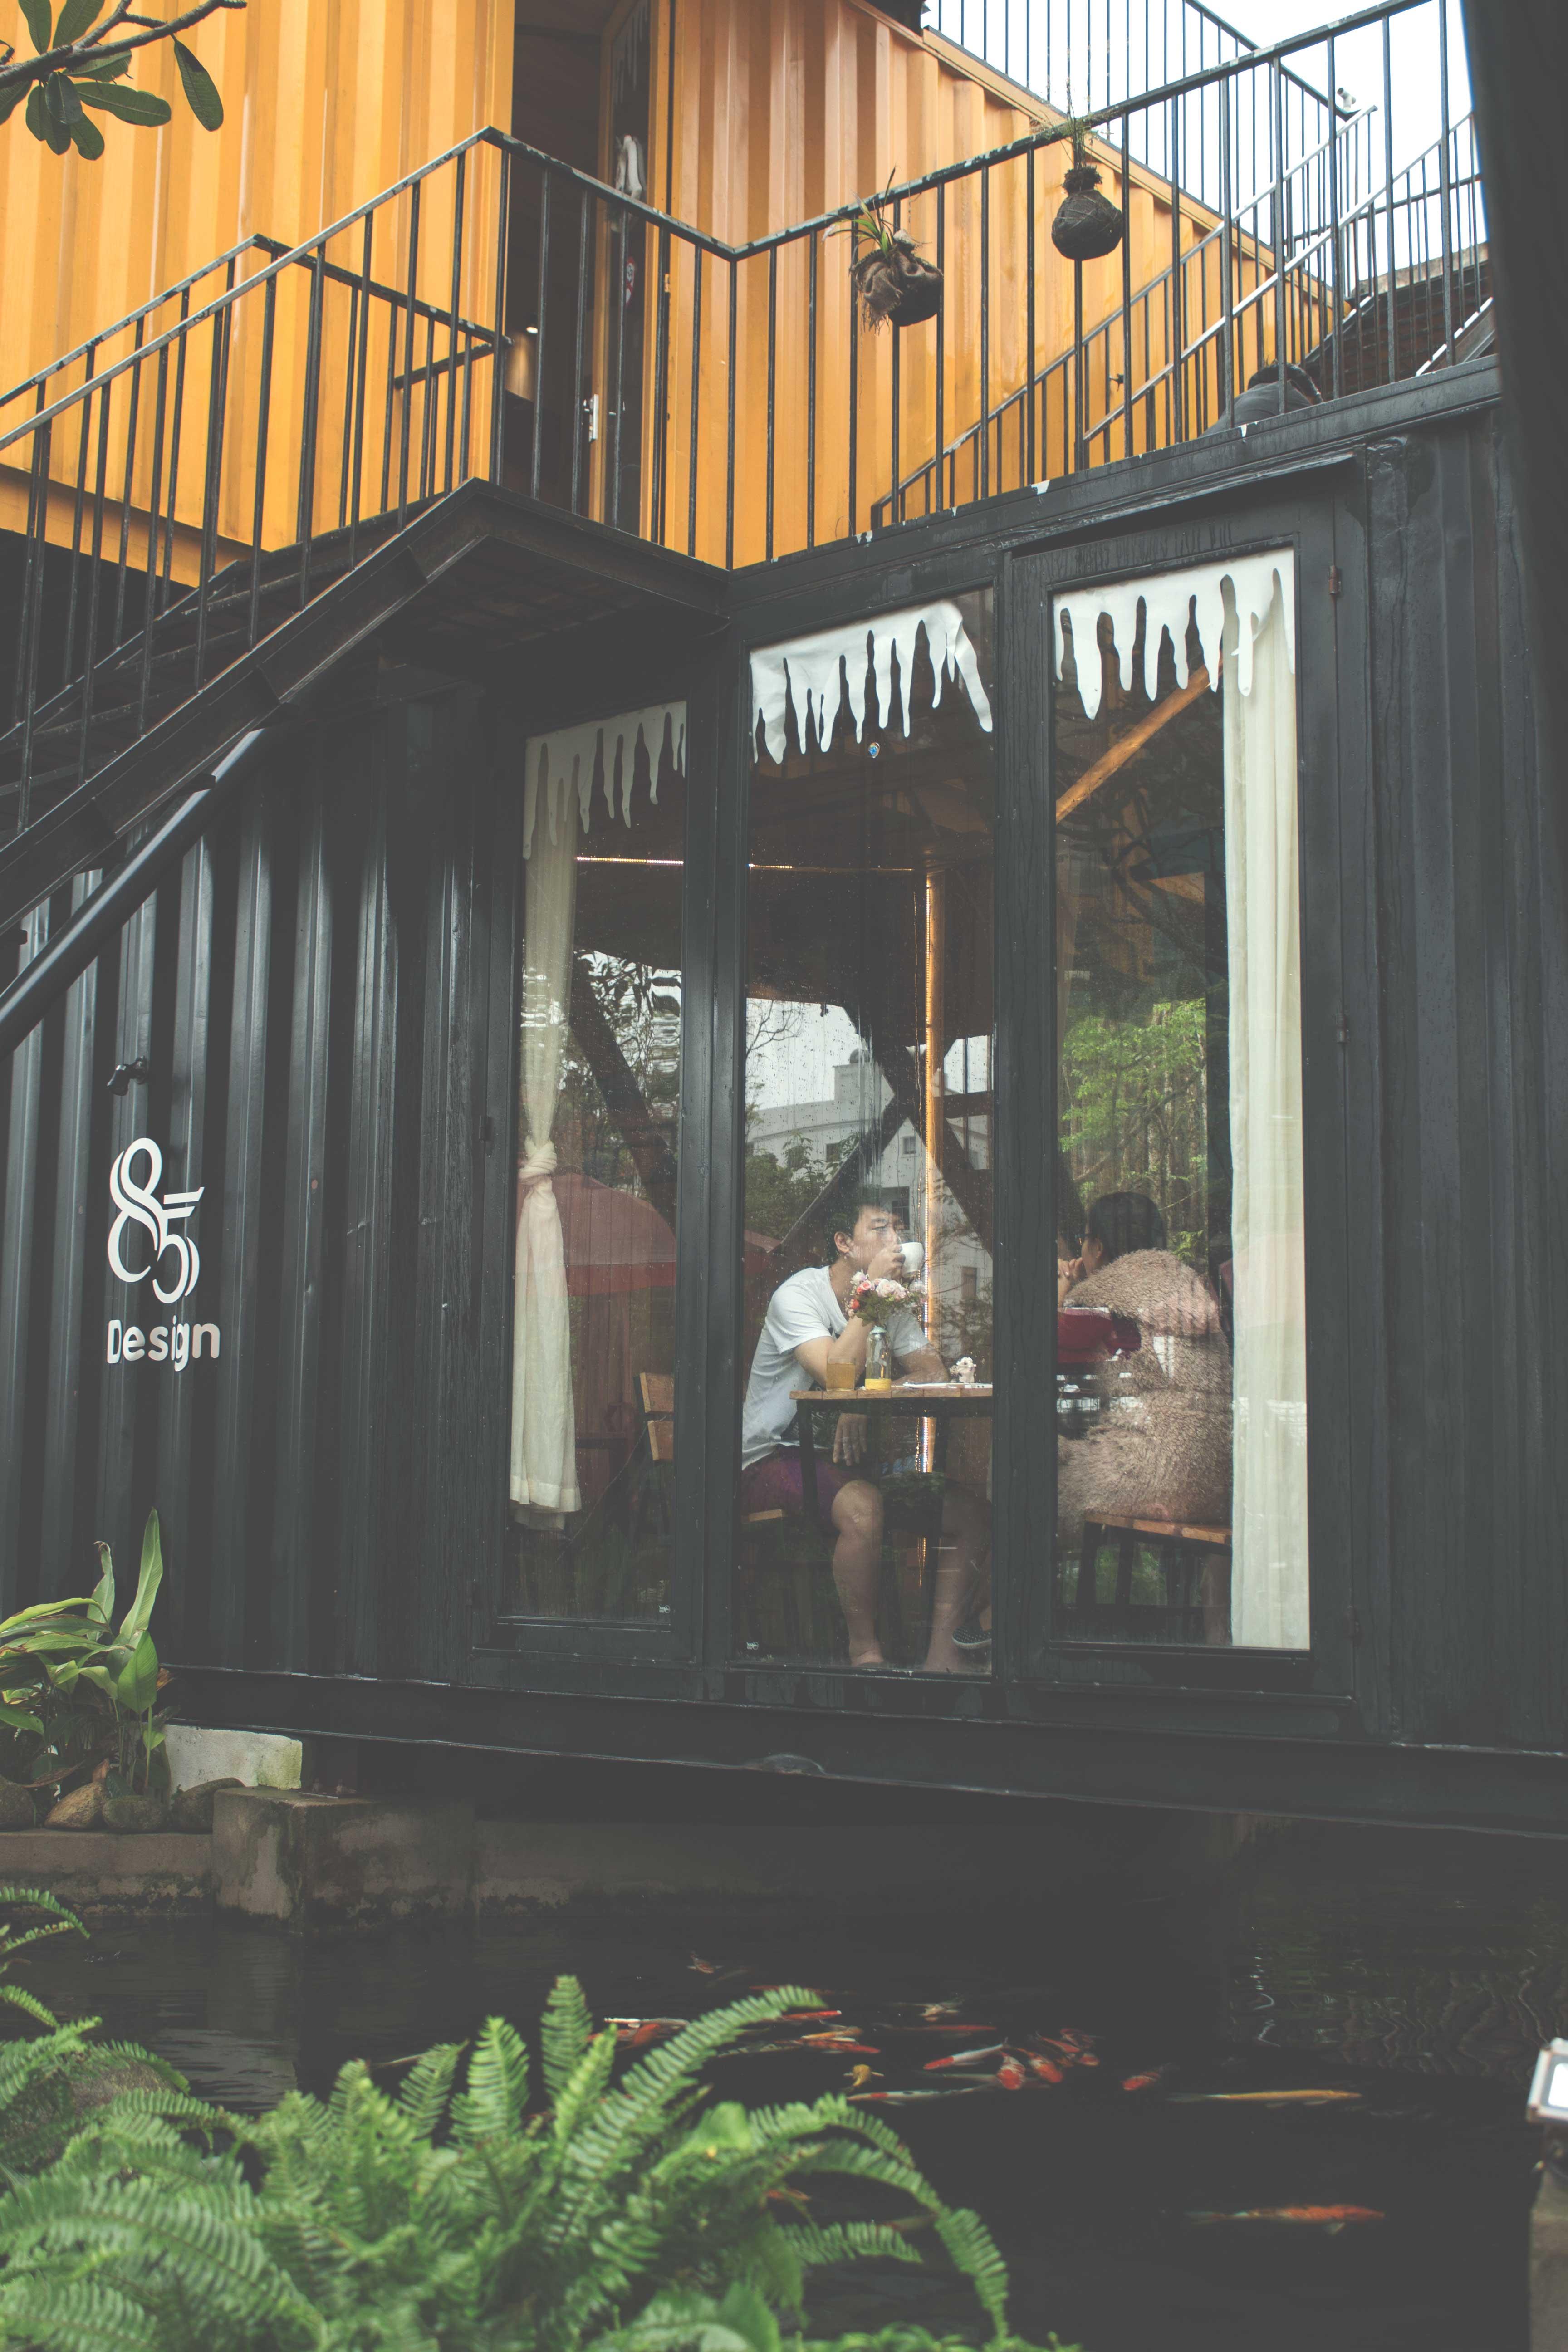 thiết kế Cafe 85 Design Cafe33